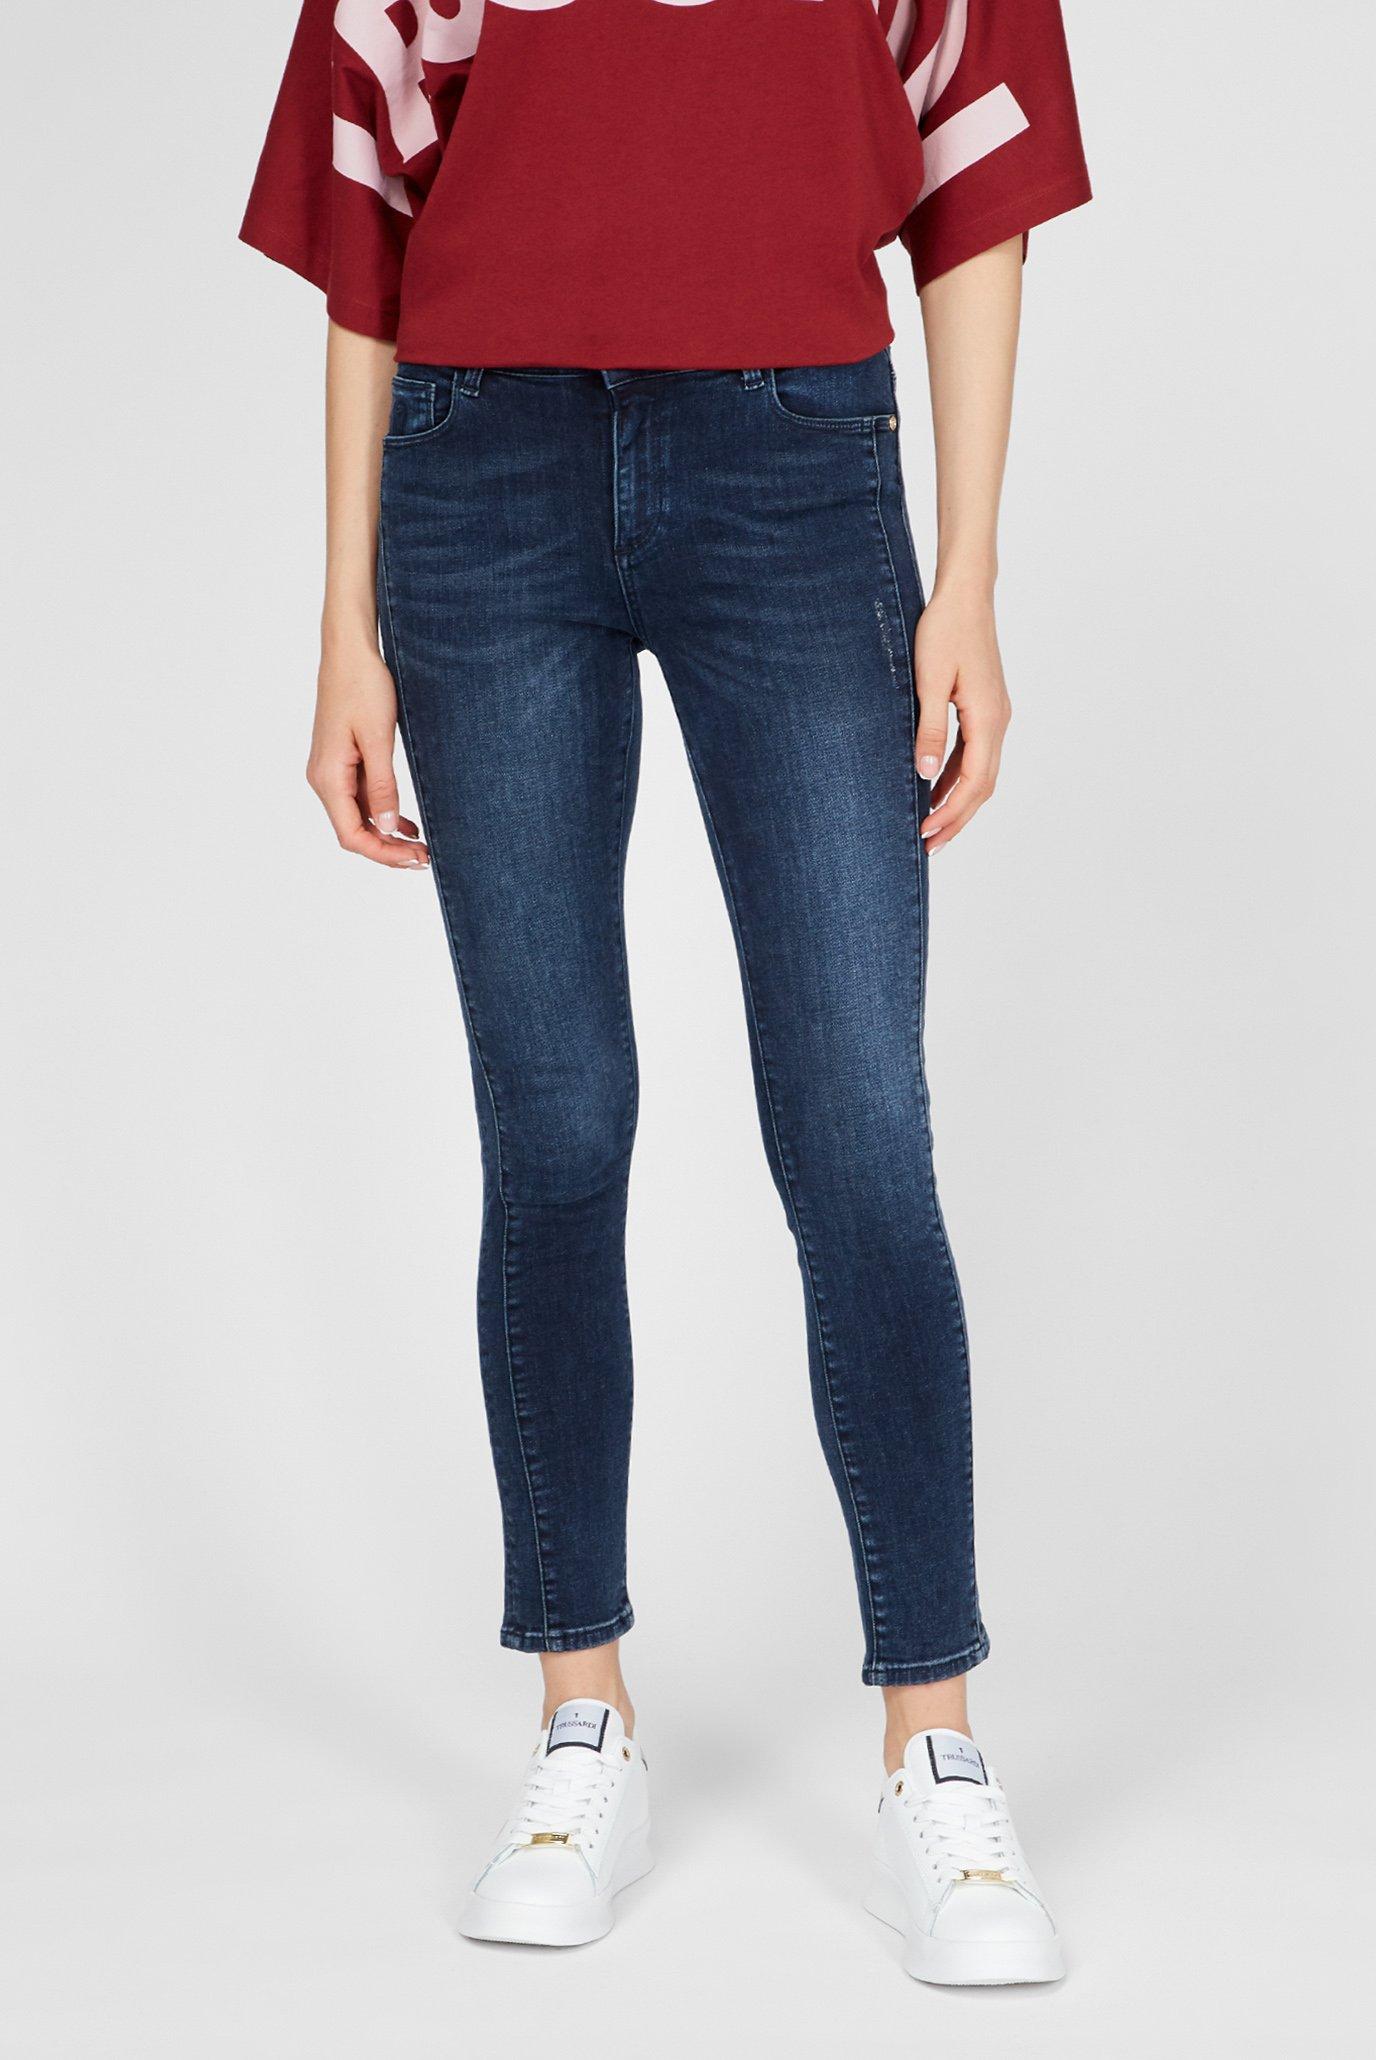 Женские синие джинсы 206 Skinny 1